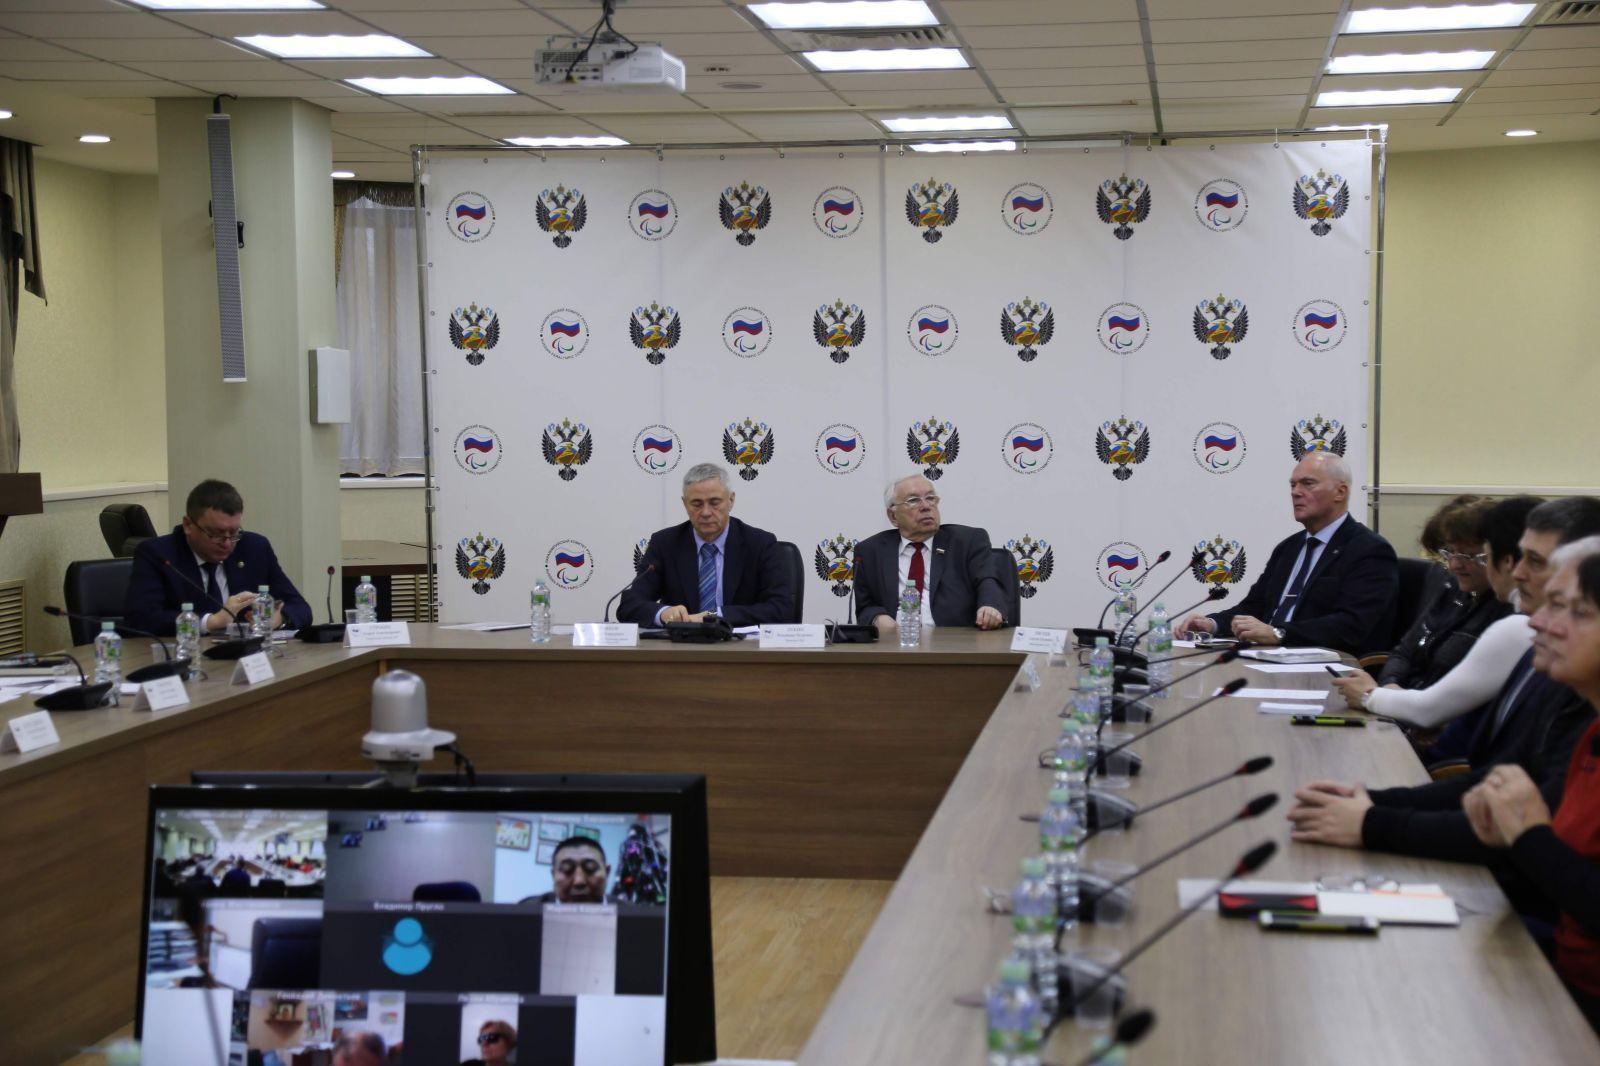 Пресс-релиз по итогам заседания Исполкома Паралимпийского комитета России